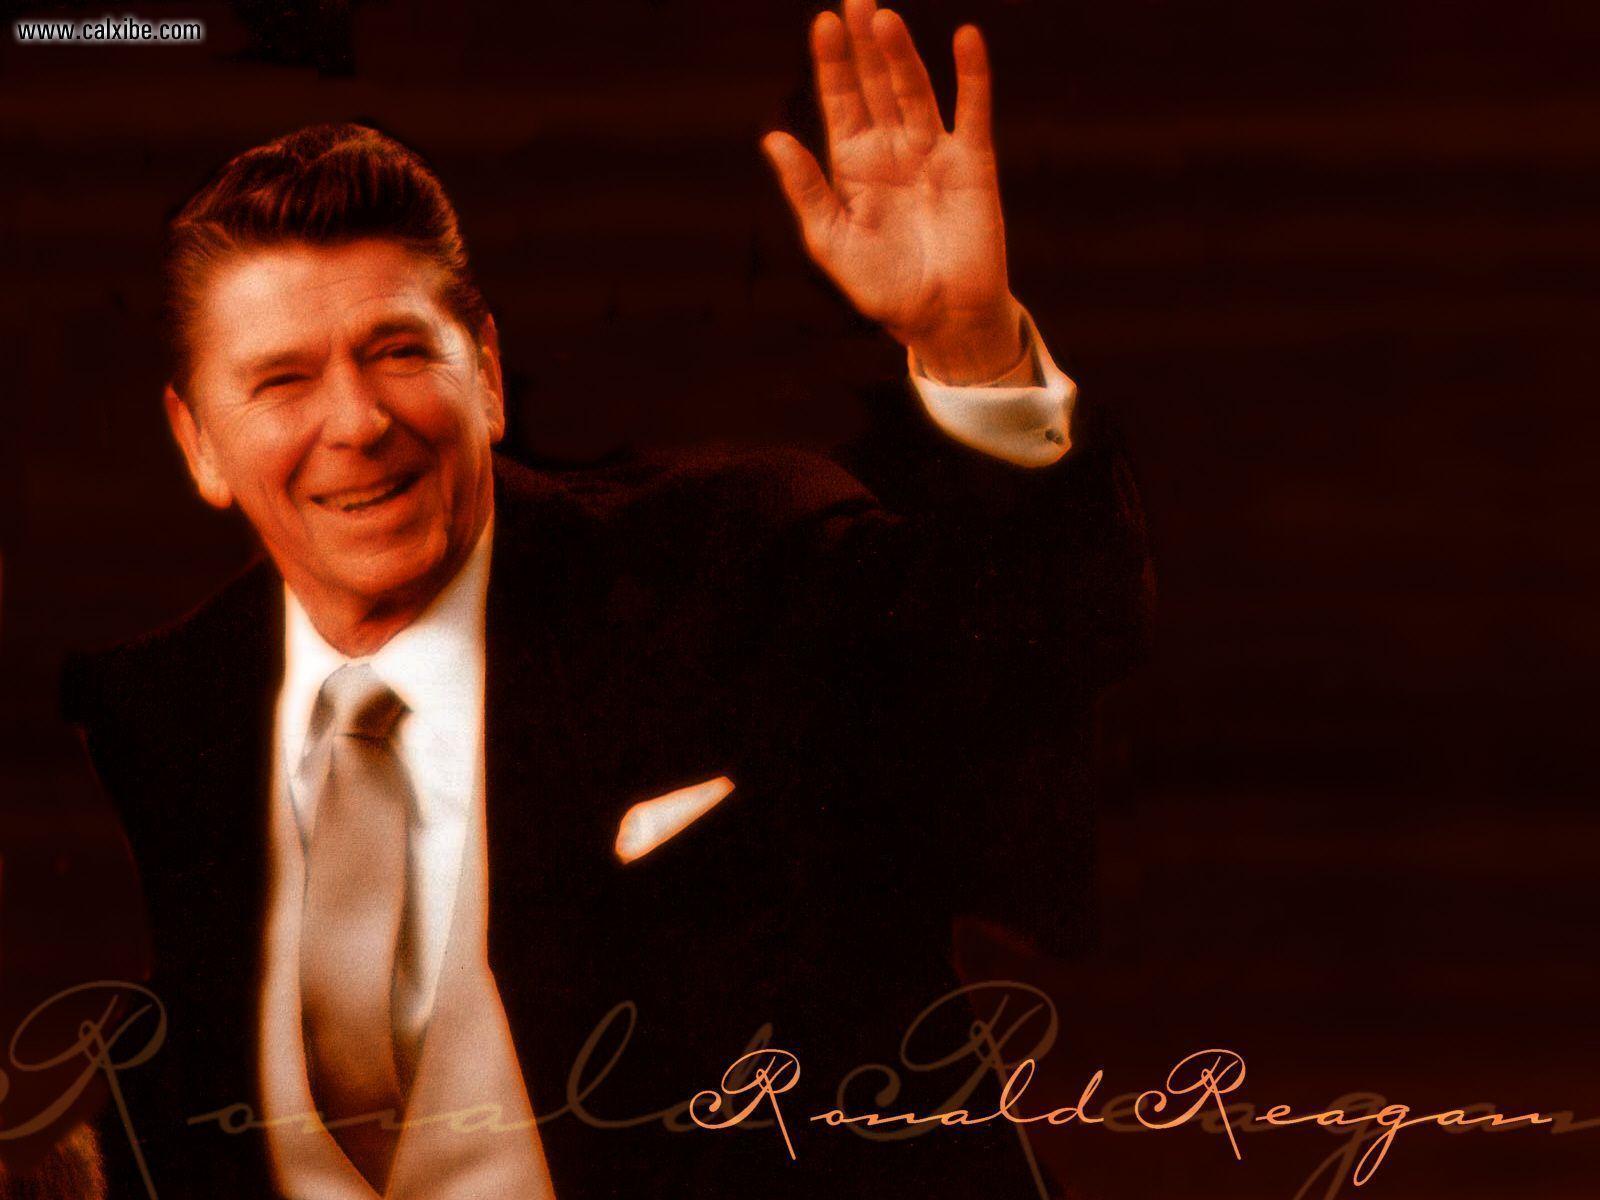 Clicswallpaper Uss Ronald Reagan Wallpaper 1600x1200